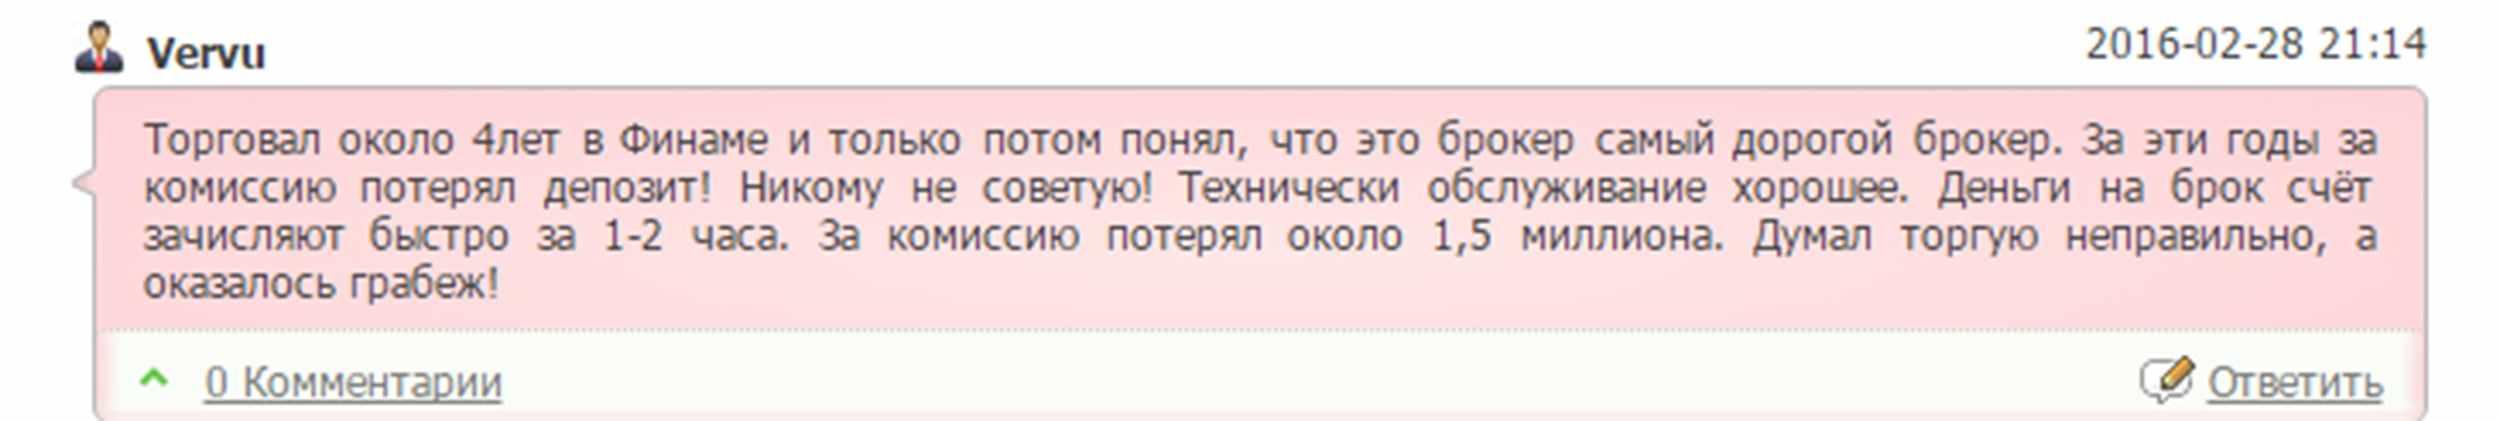 Отзывы с форума traders-union.ru о финам